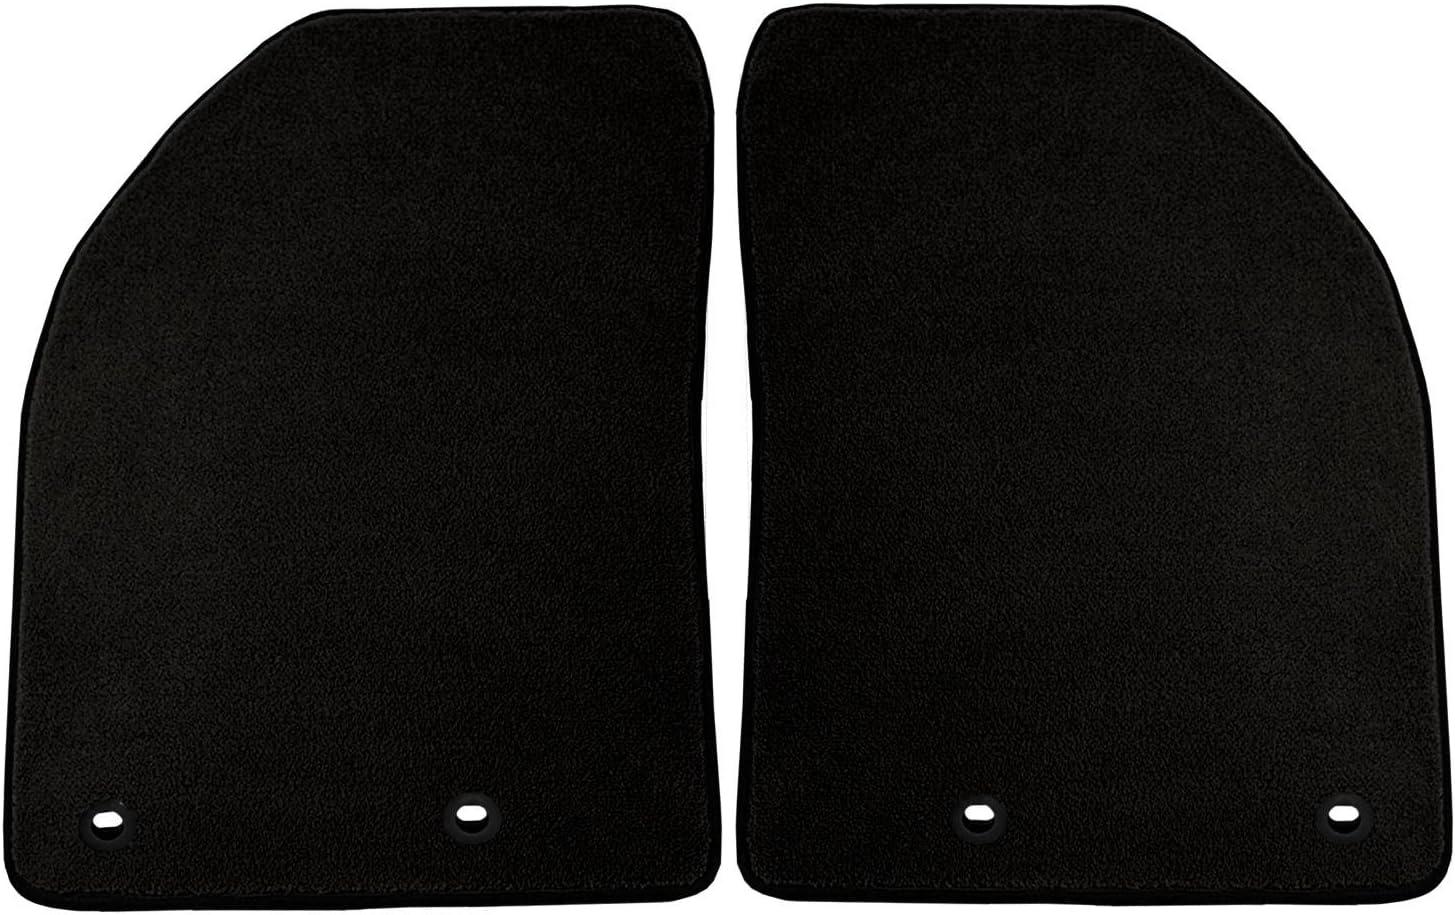 Black Coverking Custom Fit Front Floor Mats for Select Three Hundred Series Models Nylon Carpet